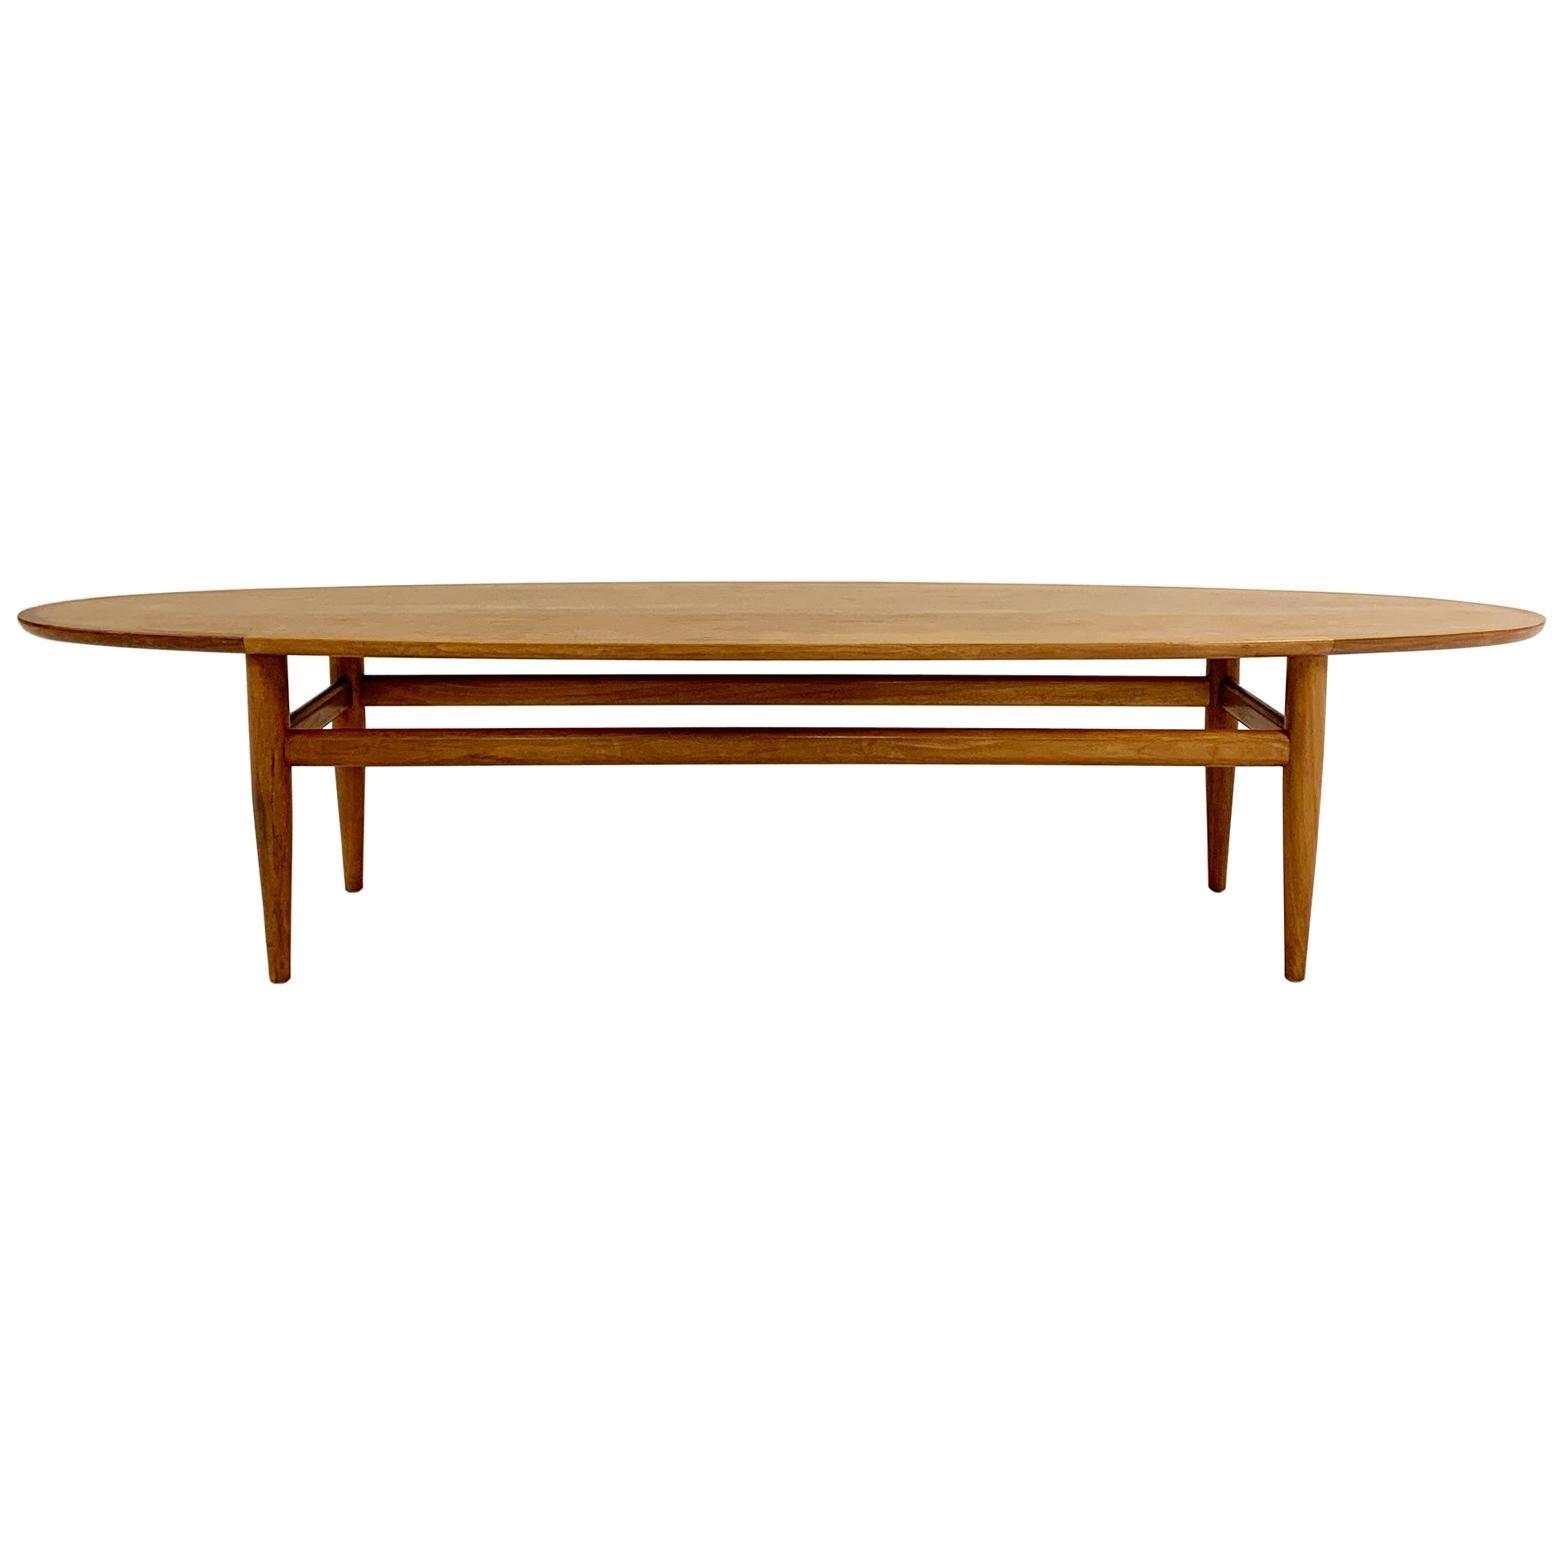 Vintage Walnut Surfboard Table